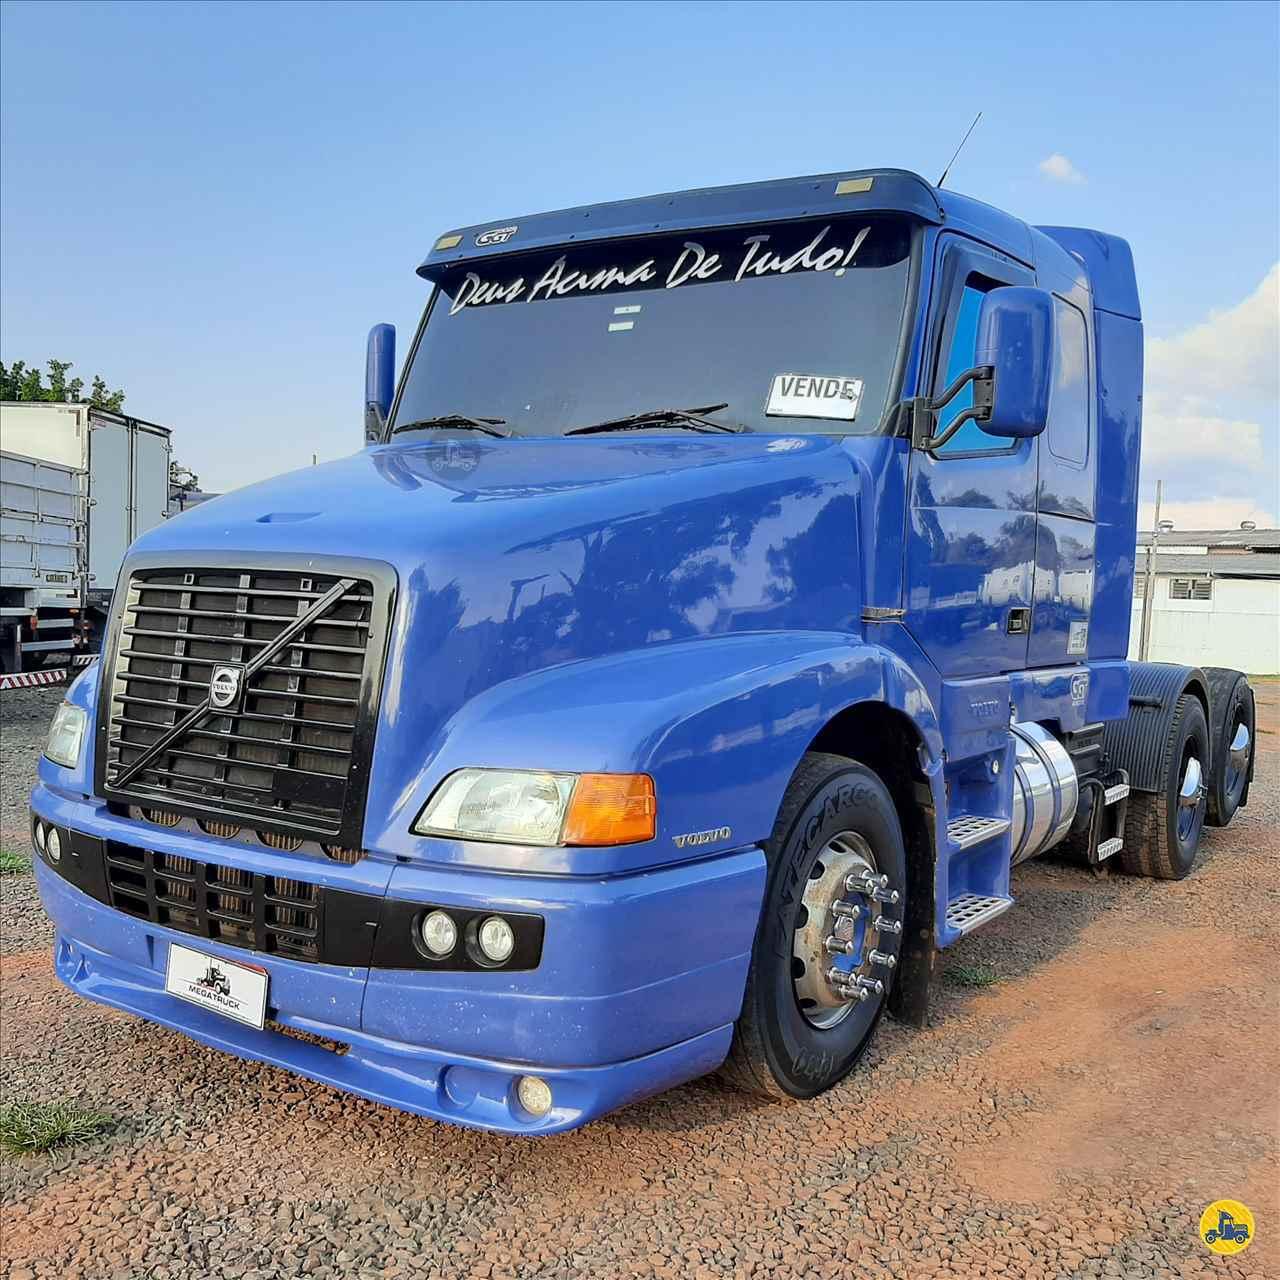 VOLVO VOLVO NH12 380 1578000km 2005/2005 Megatruck Caminhões e Máquinas